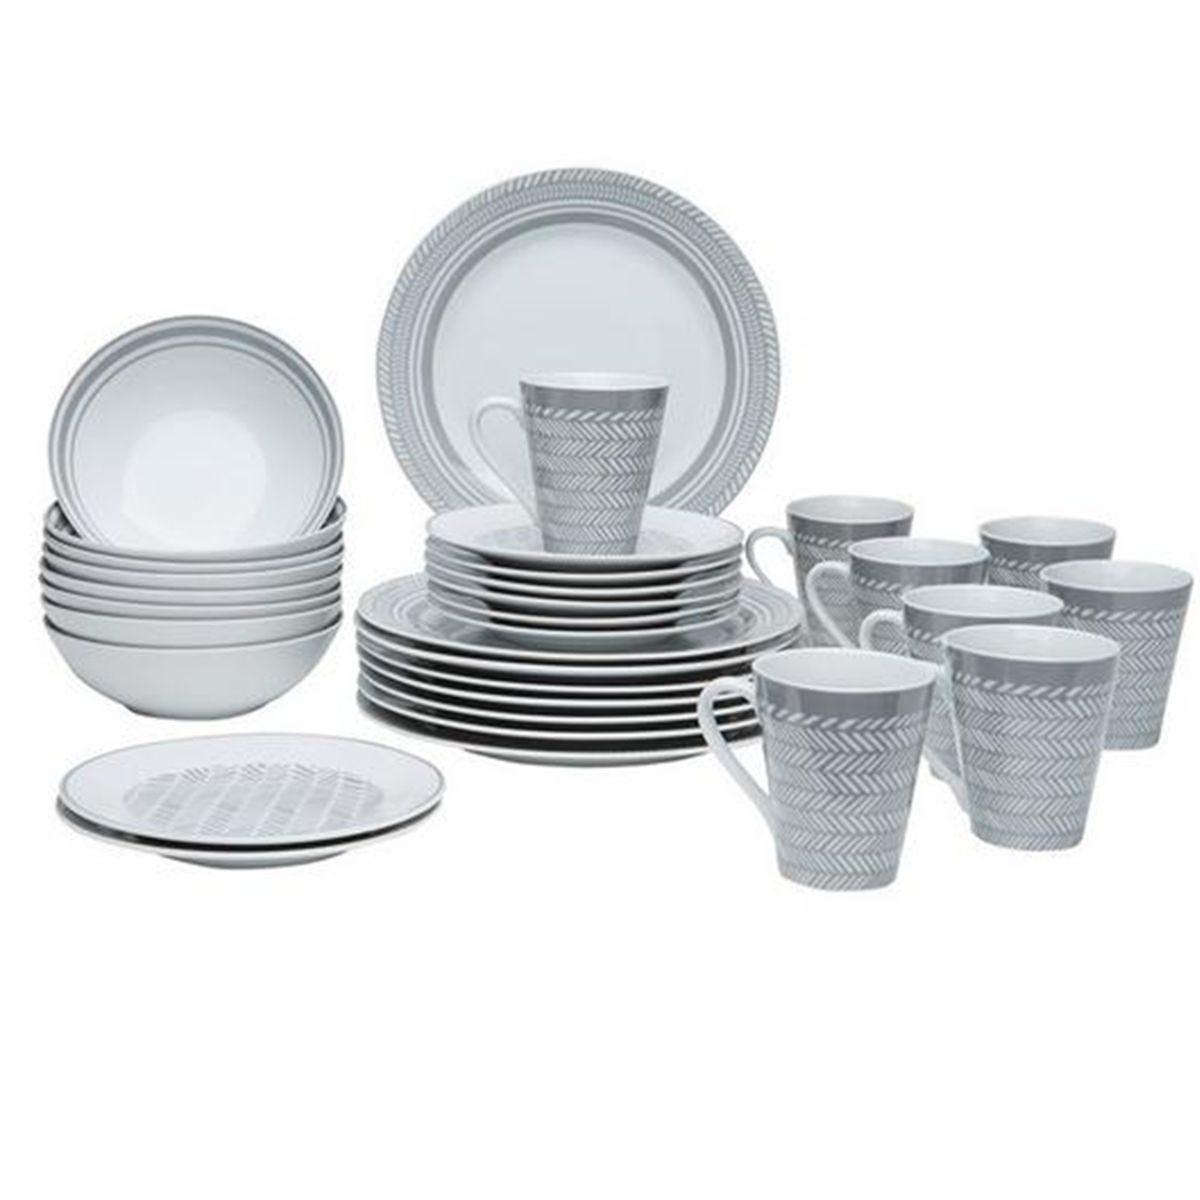 The Waterside 32pc Grey Herringbone Dinner Set